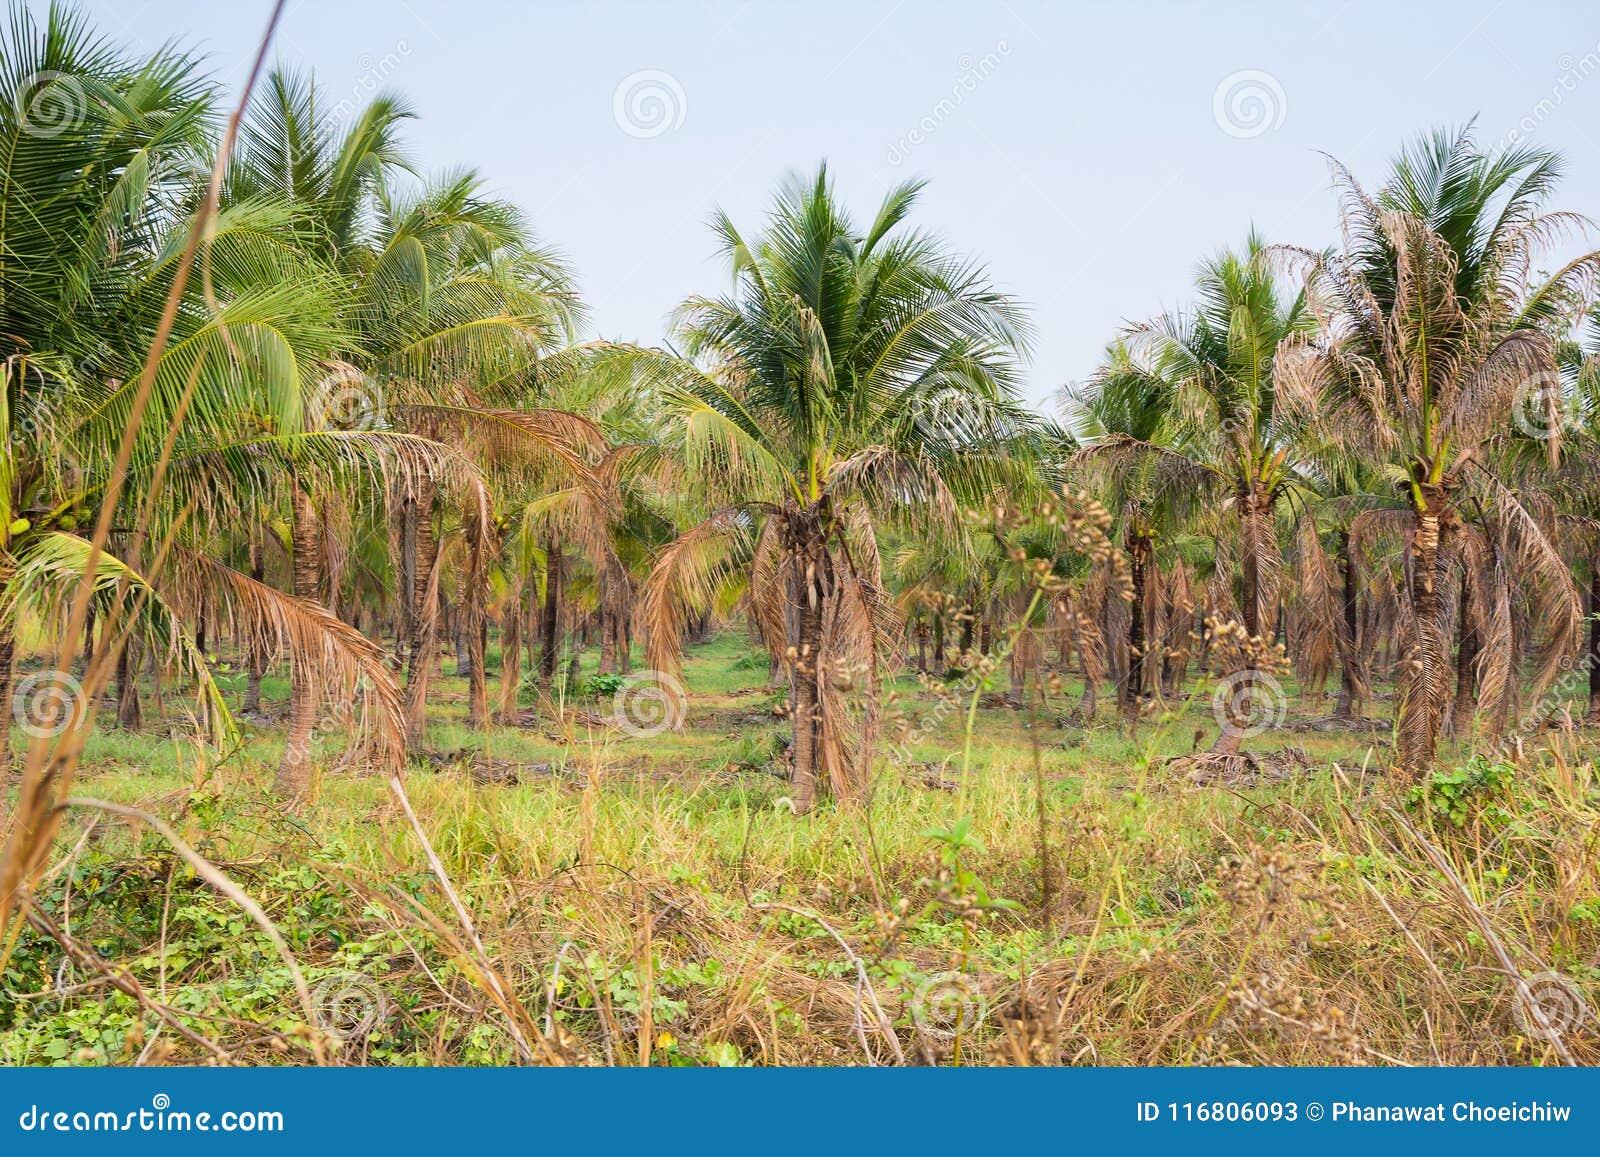 Paesaggio della piantagione del cocco in paese tropicale